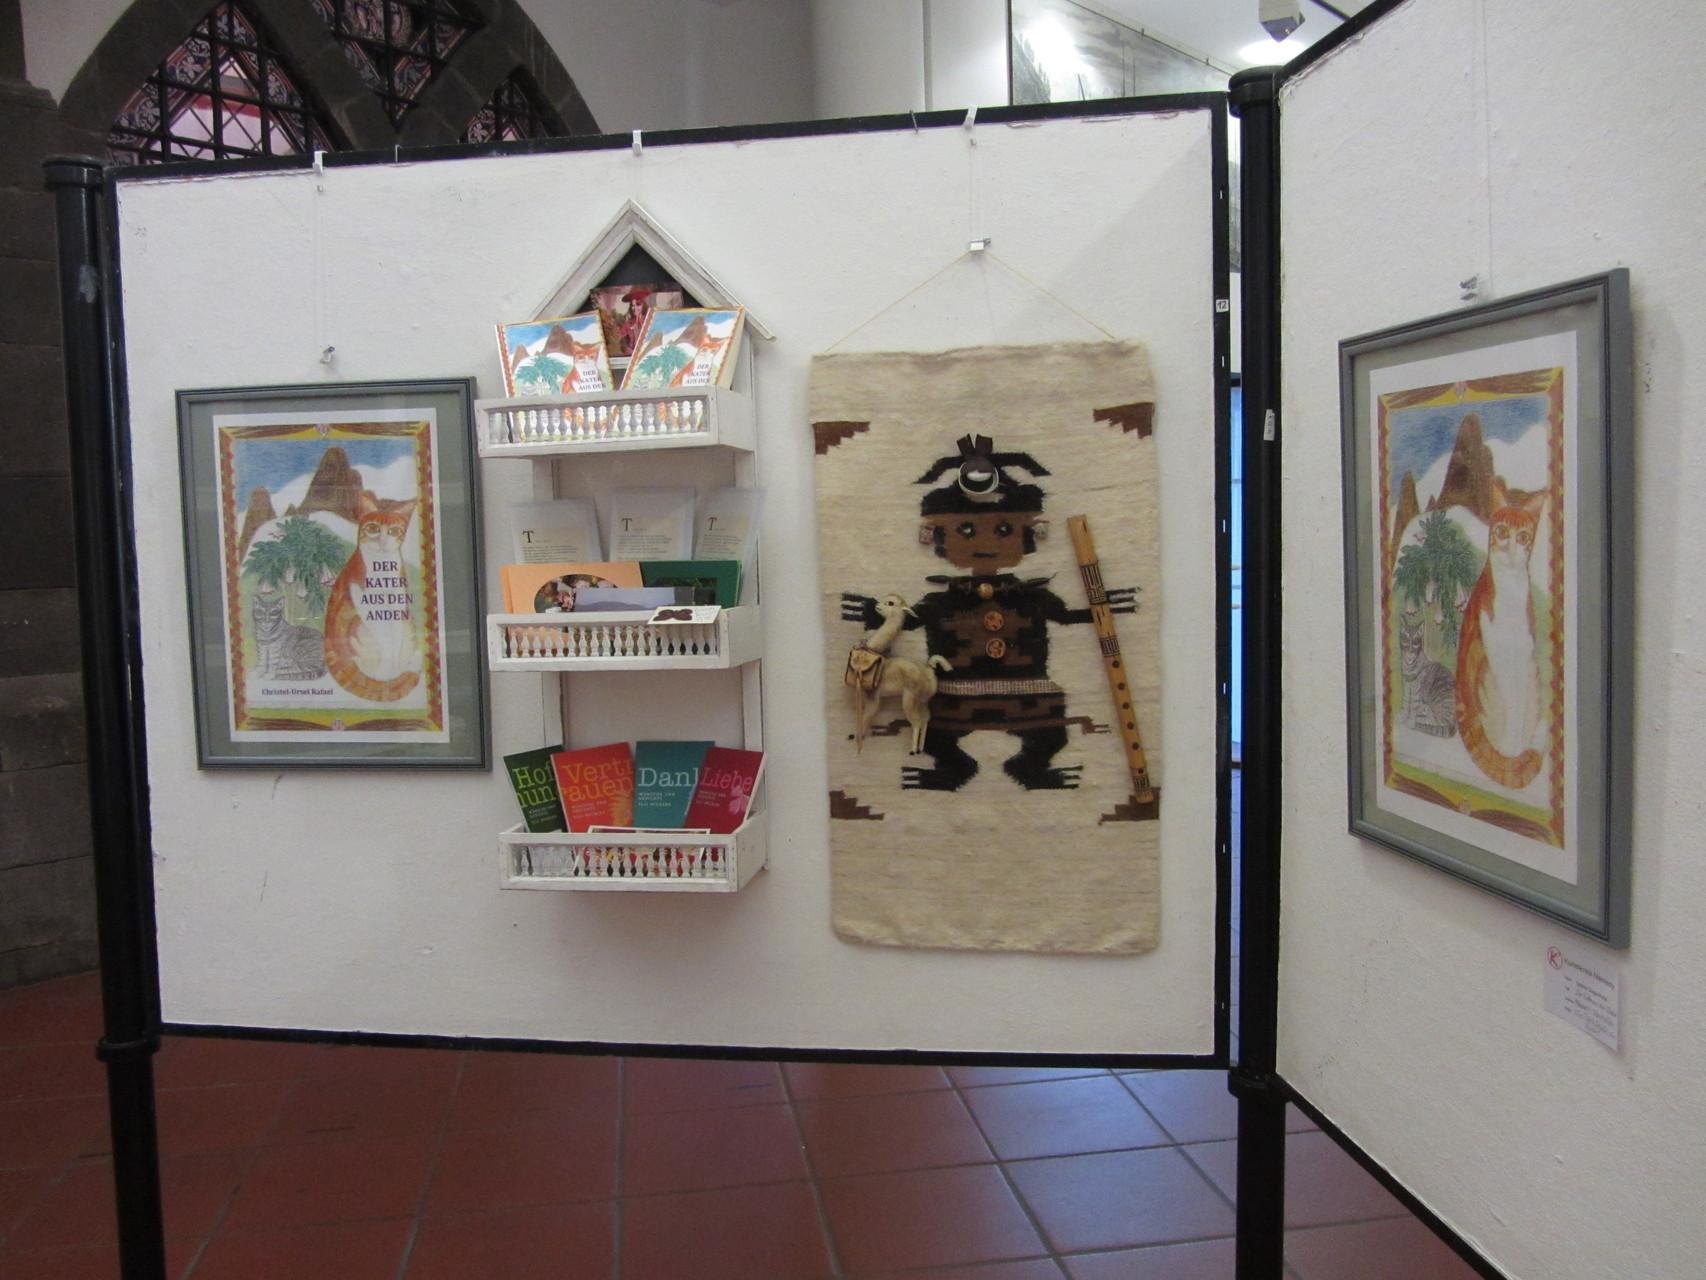 """Mein neues Buch """"Der Kater aus den Anden"""" mit Pachamama, Göttin der Inka"""